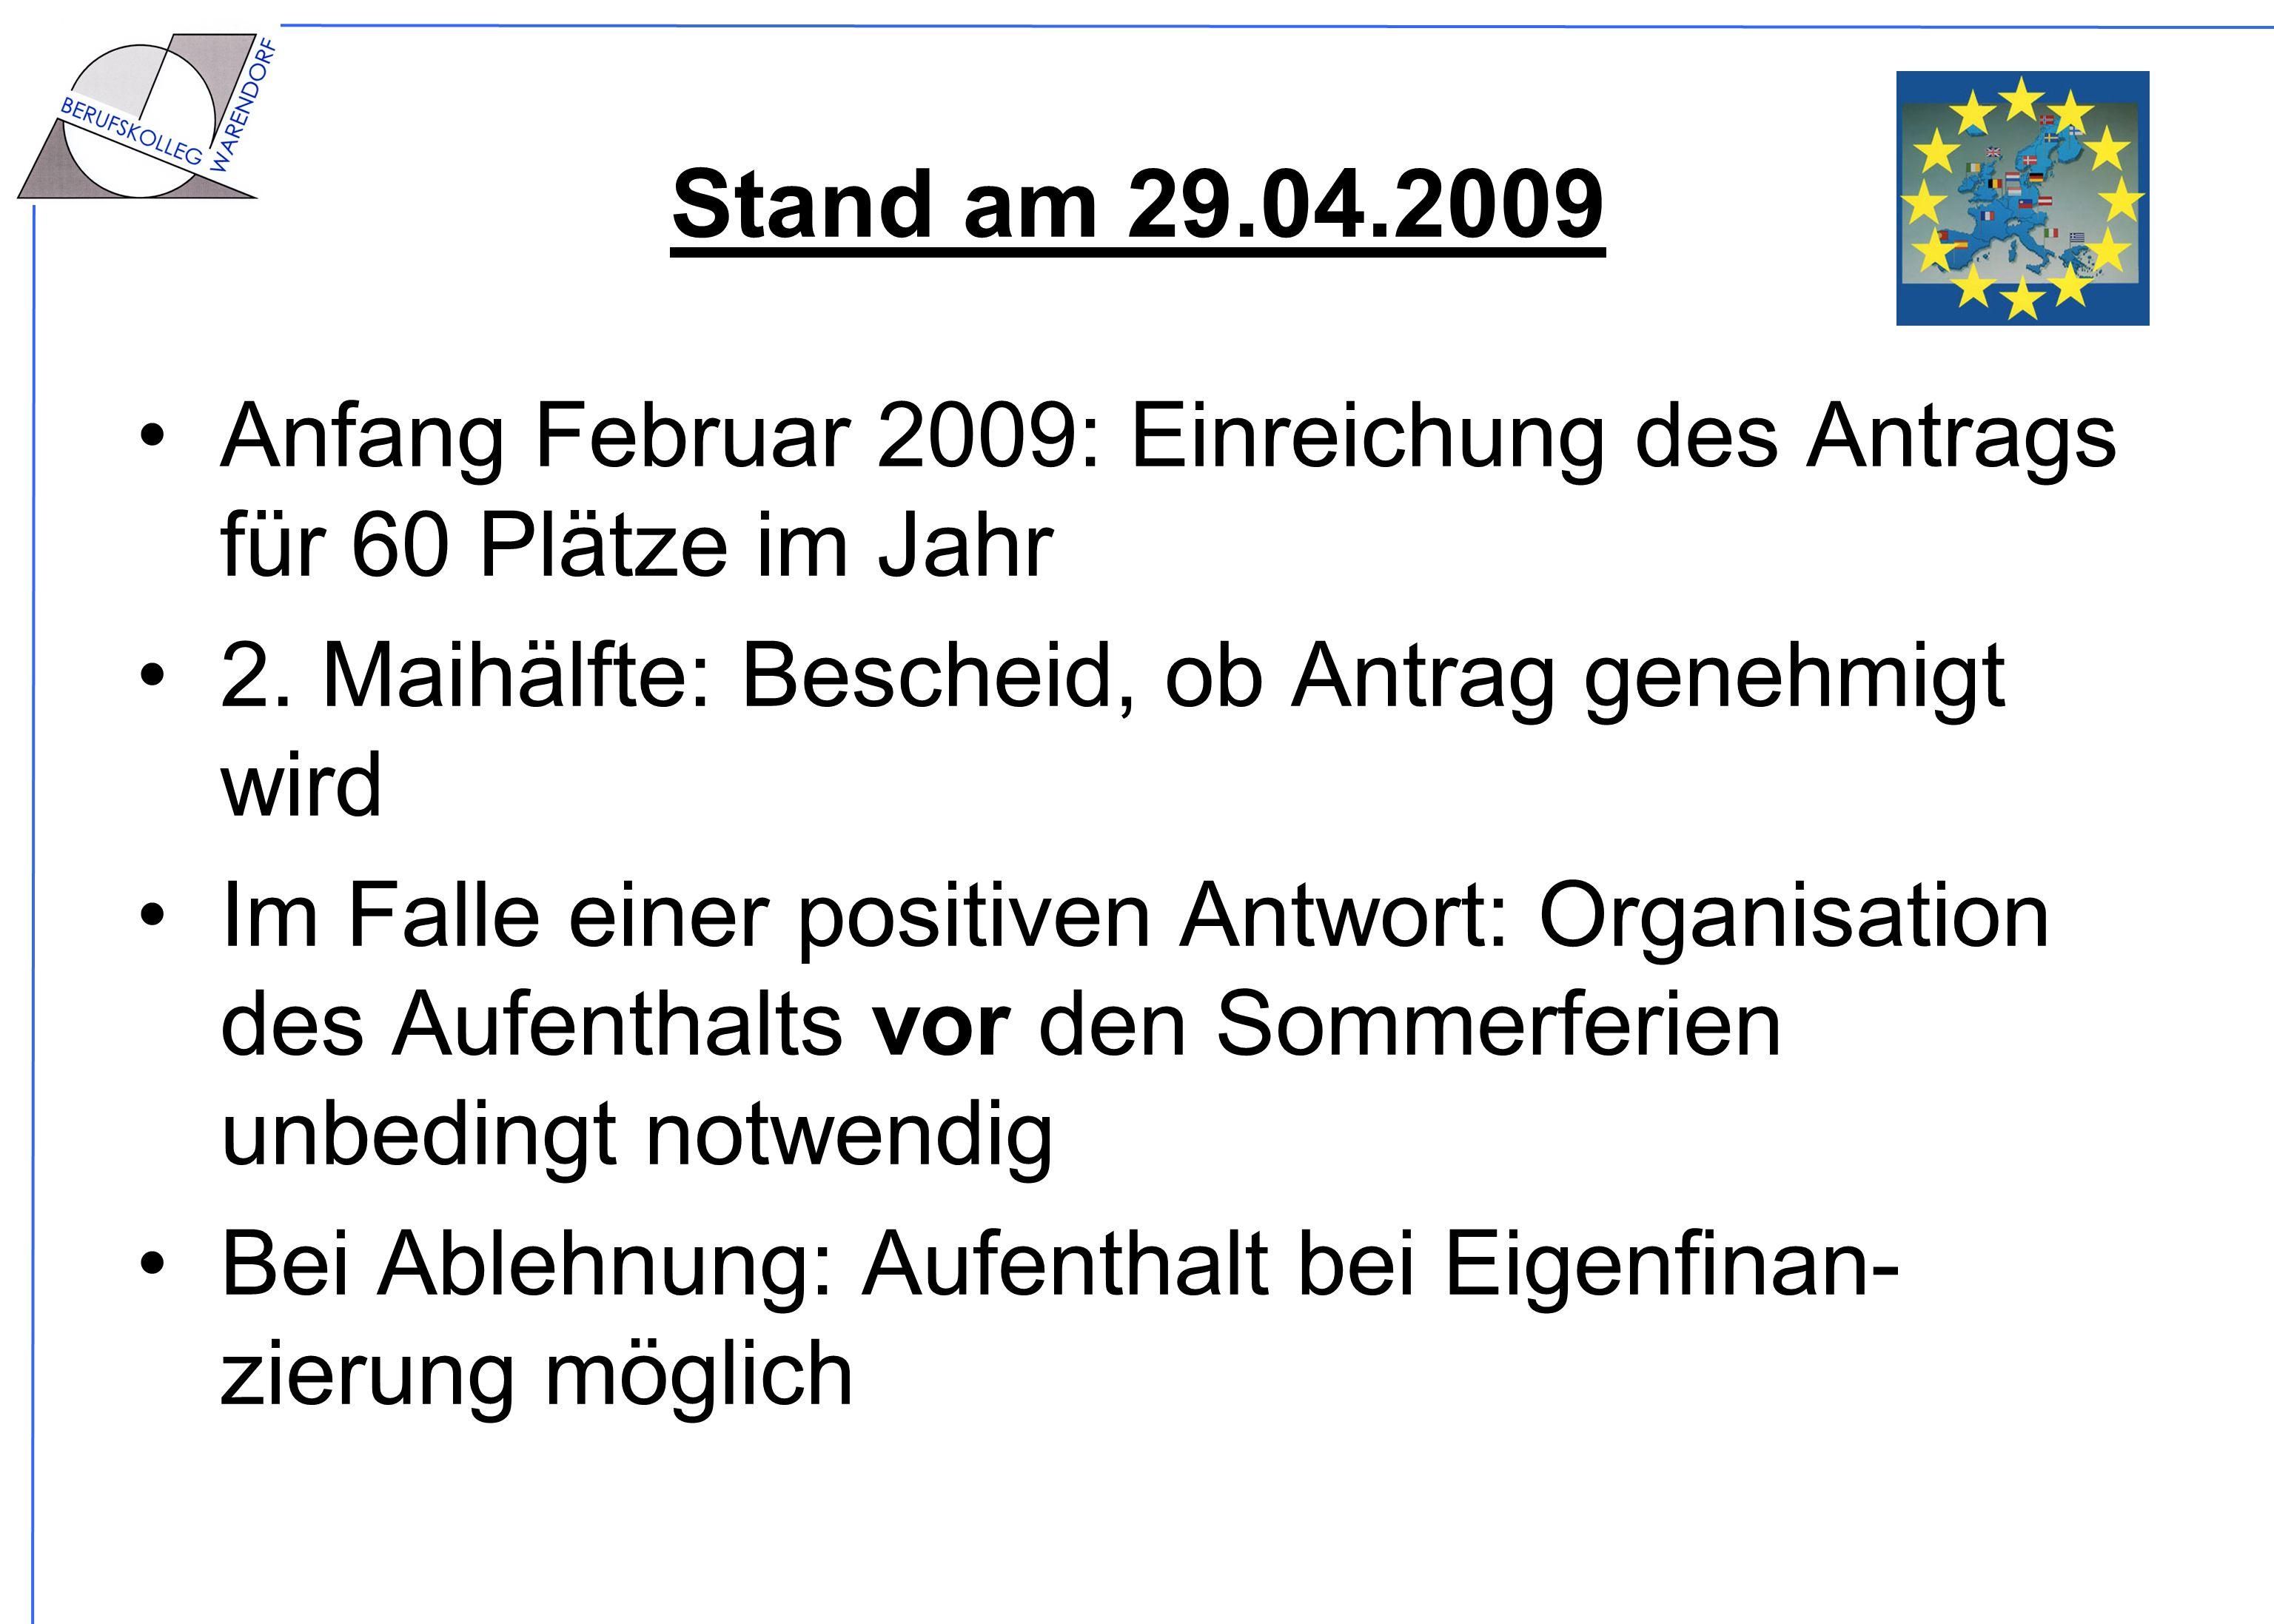 Stand am 29.04.2009 Anfang Februar 2009: Einreichung des Antrags für 60 Plätze im Jahr. 2. Maihälfte: Bescheid, ob Antrag genehmigt wird.